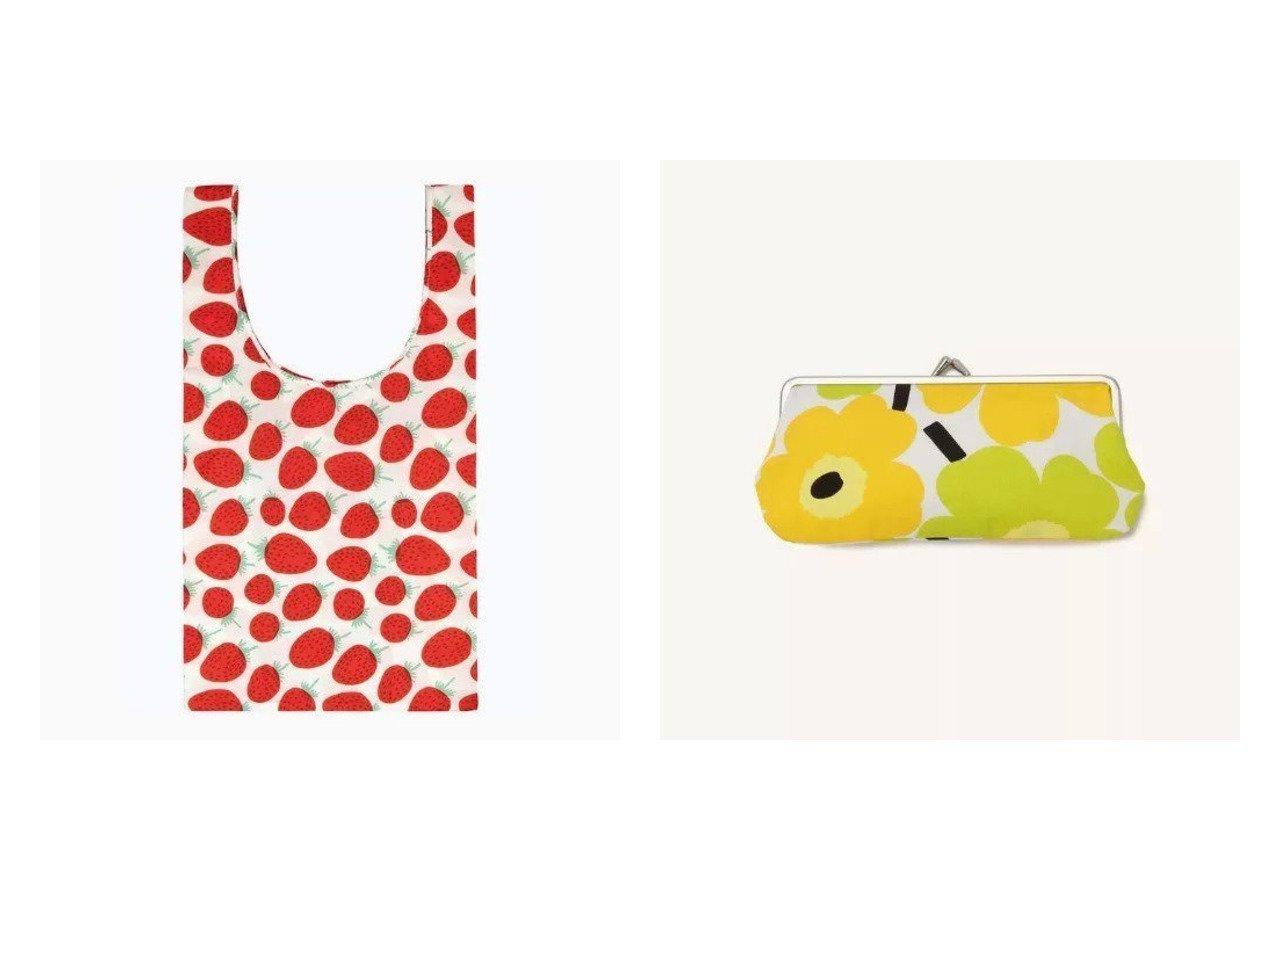 【marimekko/マリメッコ】のSilmalasikukkaro がま口ポーチ&Mansikka スマートバッグ おすすめ!人気、トレンド・レディースファッションの通販 おすすめで人気の流行・トレンド、ファッションの通販商品 インテリア・家具・メンズファッション・キッズファッション・レディースファッション・服の通販 founy(ファニー) https://founy.com/ ファッション Fashion レディースファッション WOMEN ポーチ Pouches バッグ Bag サングラス ファブリック ポーチ スマート ポケット |ID:crp329100000047986